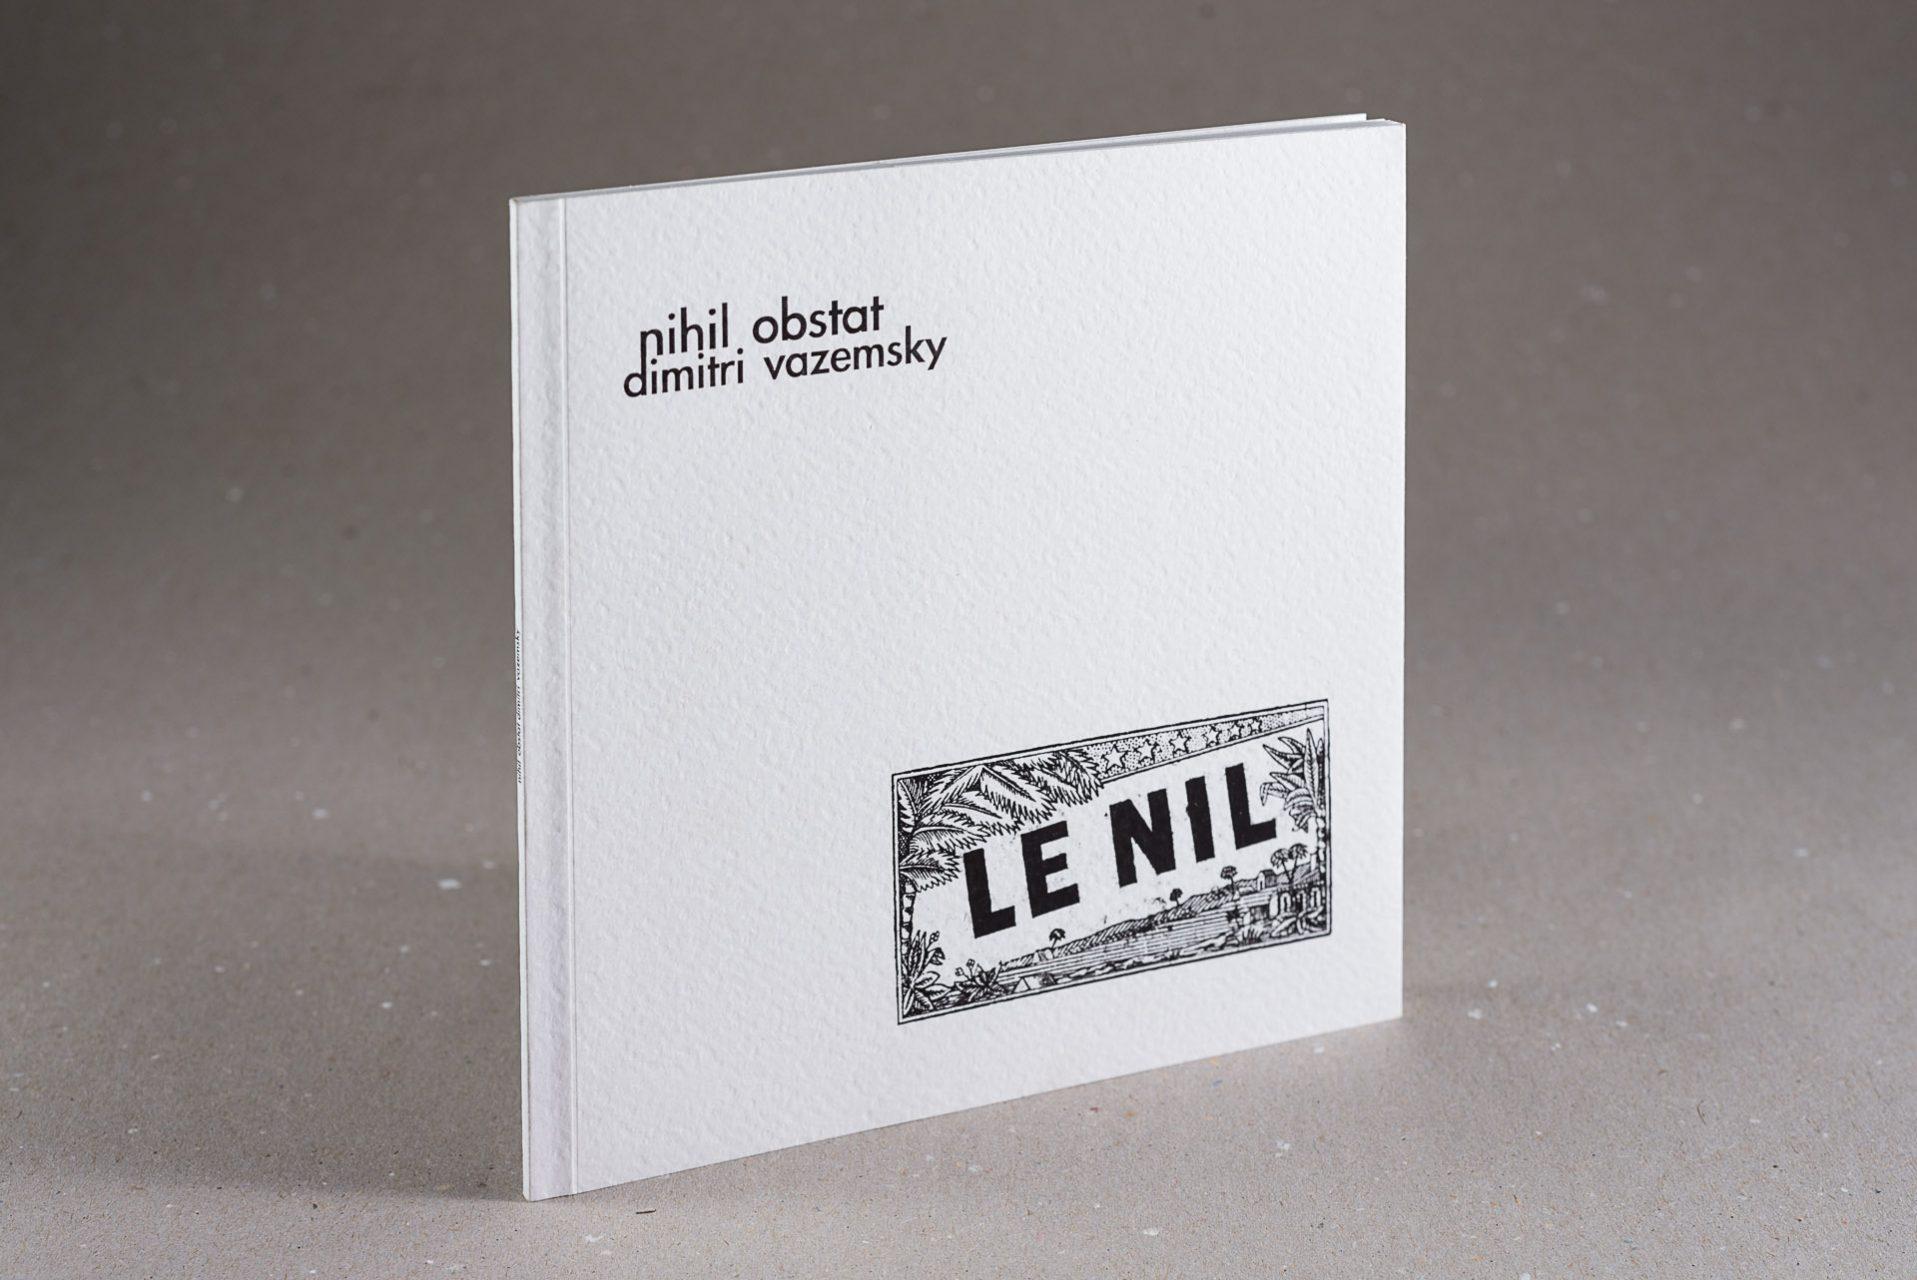 web-hd-nuit-myrtide-livre-nihil-obstat-dimitri-vazemsky-01